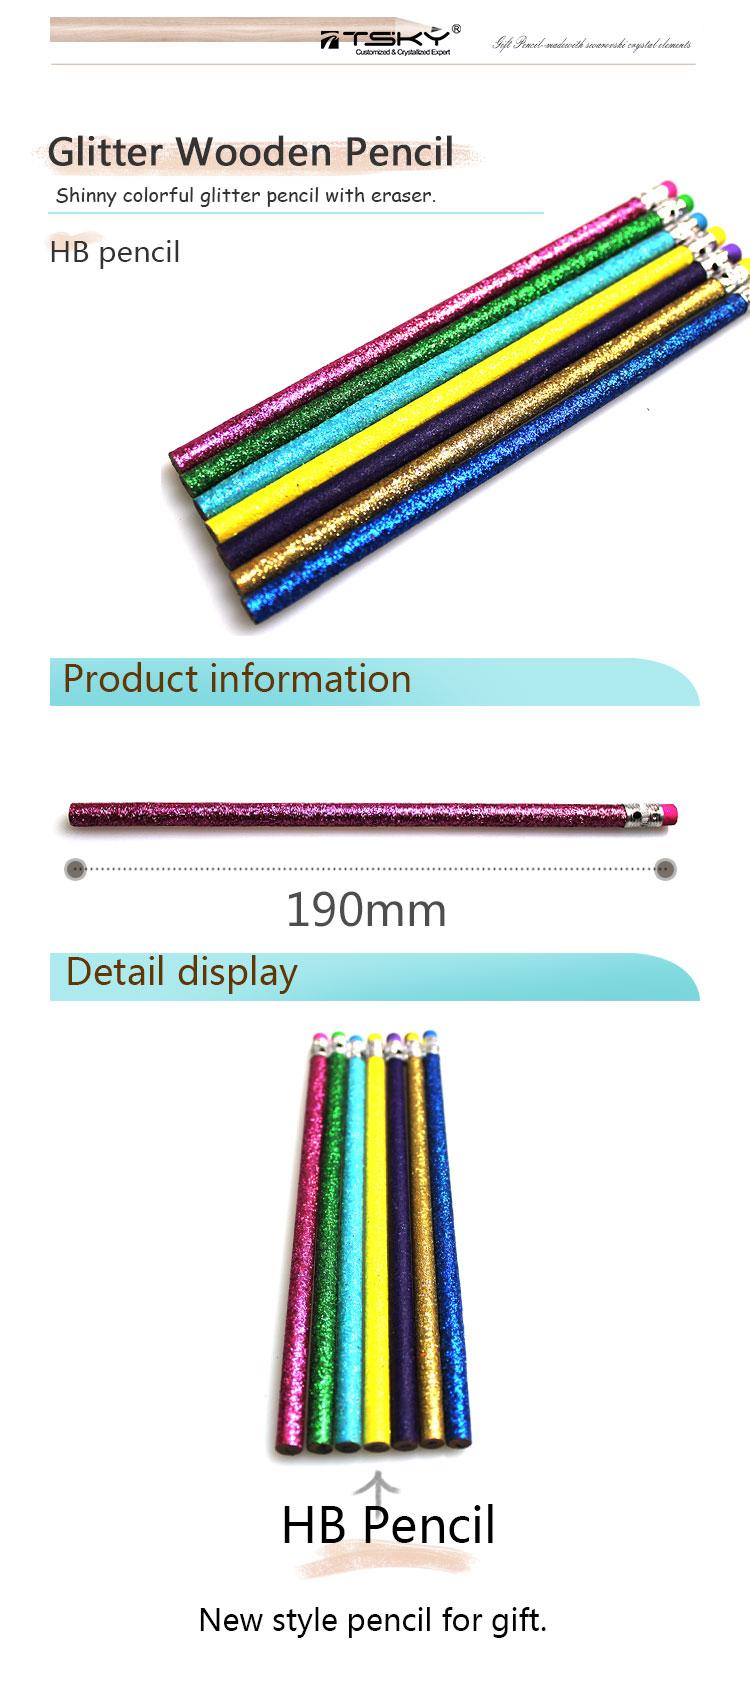 Блеск деревянные карандаш с ластиком для подарок и продвижение